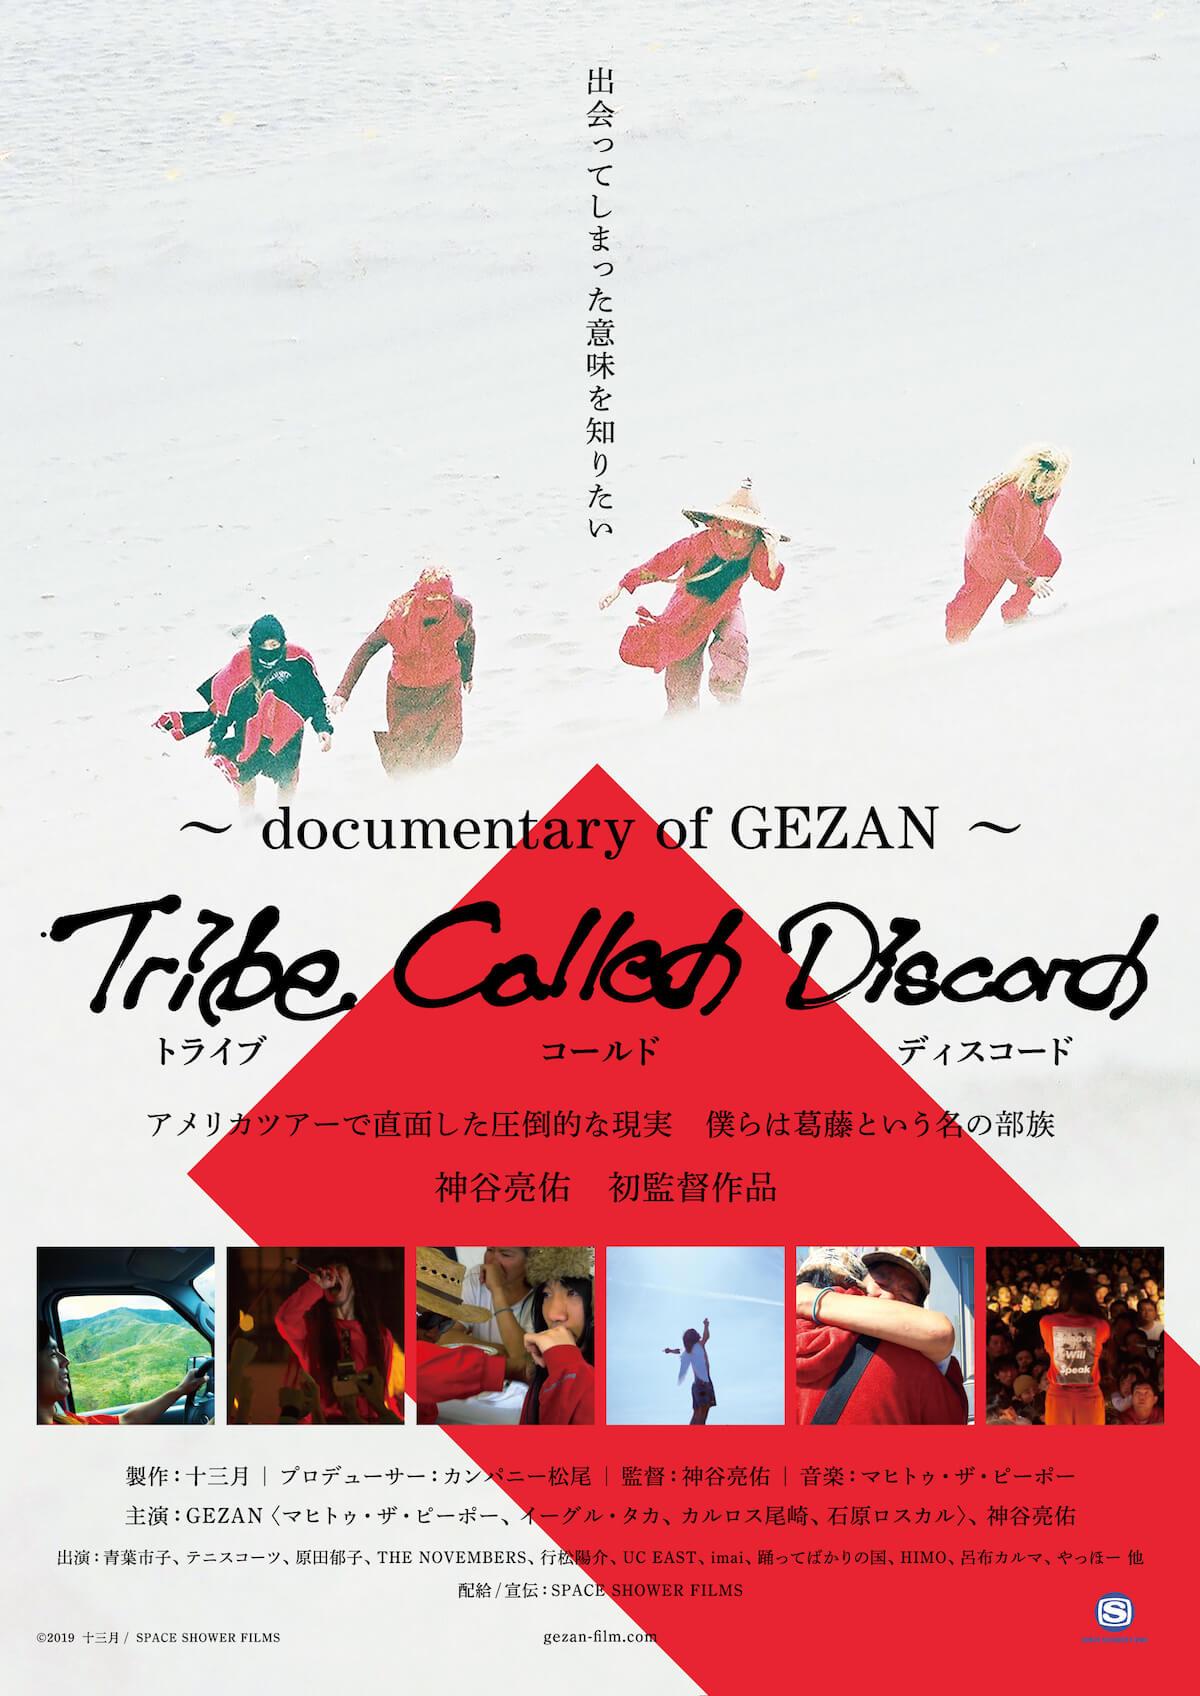 神谷亮佑×カンパニー松尾 対談|GEZAN映画『Tribe Called Discord』に存在する問いかけについて film190614_gezan_1